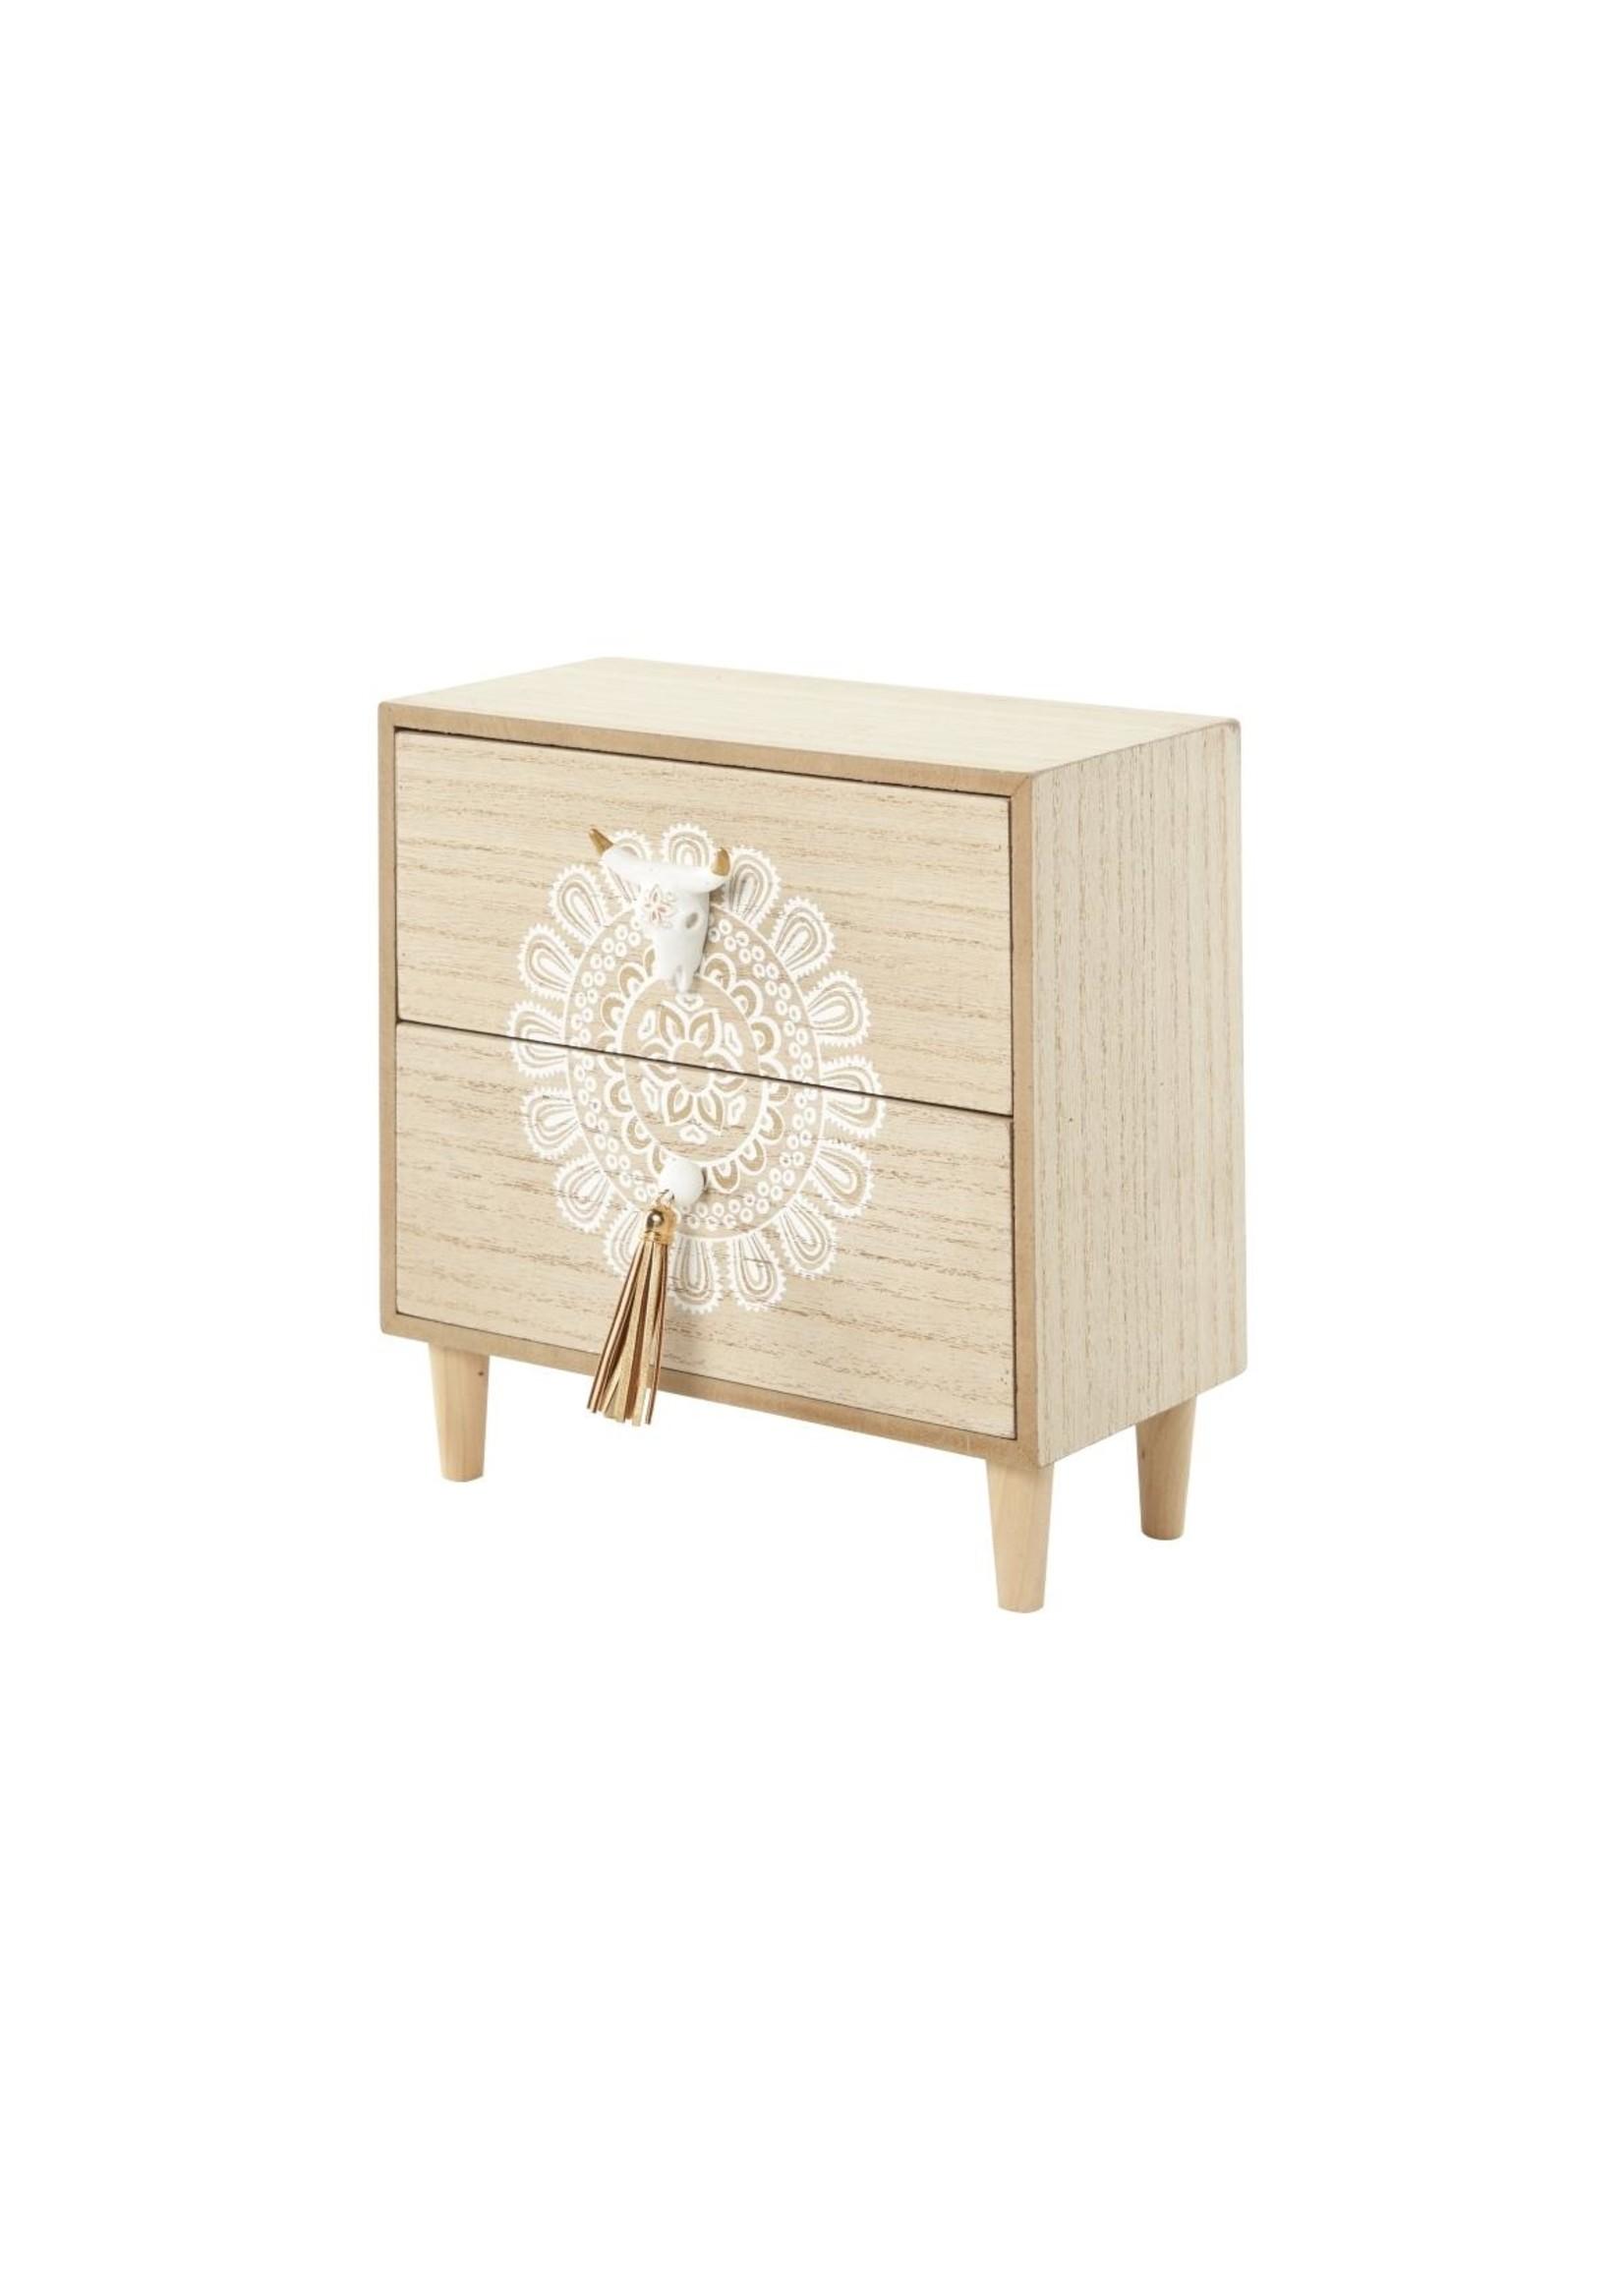 UMA Enterprises Wood Jewelry Box